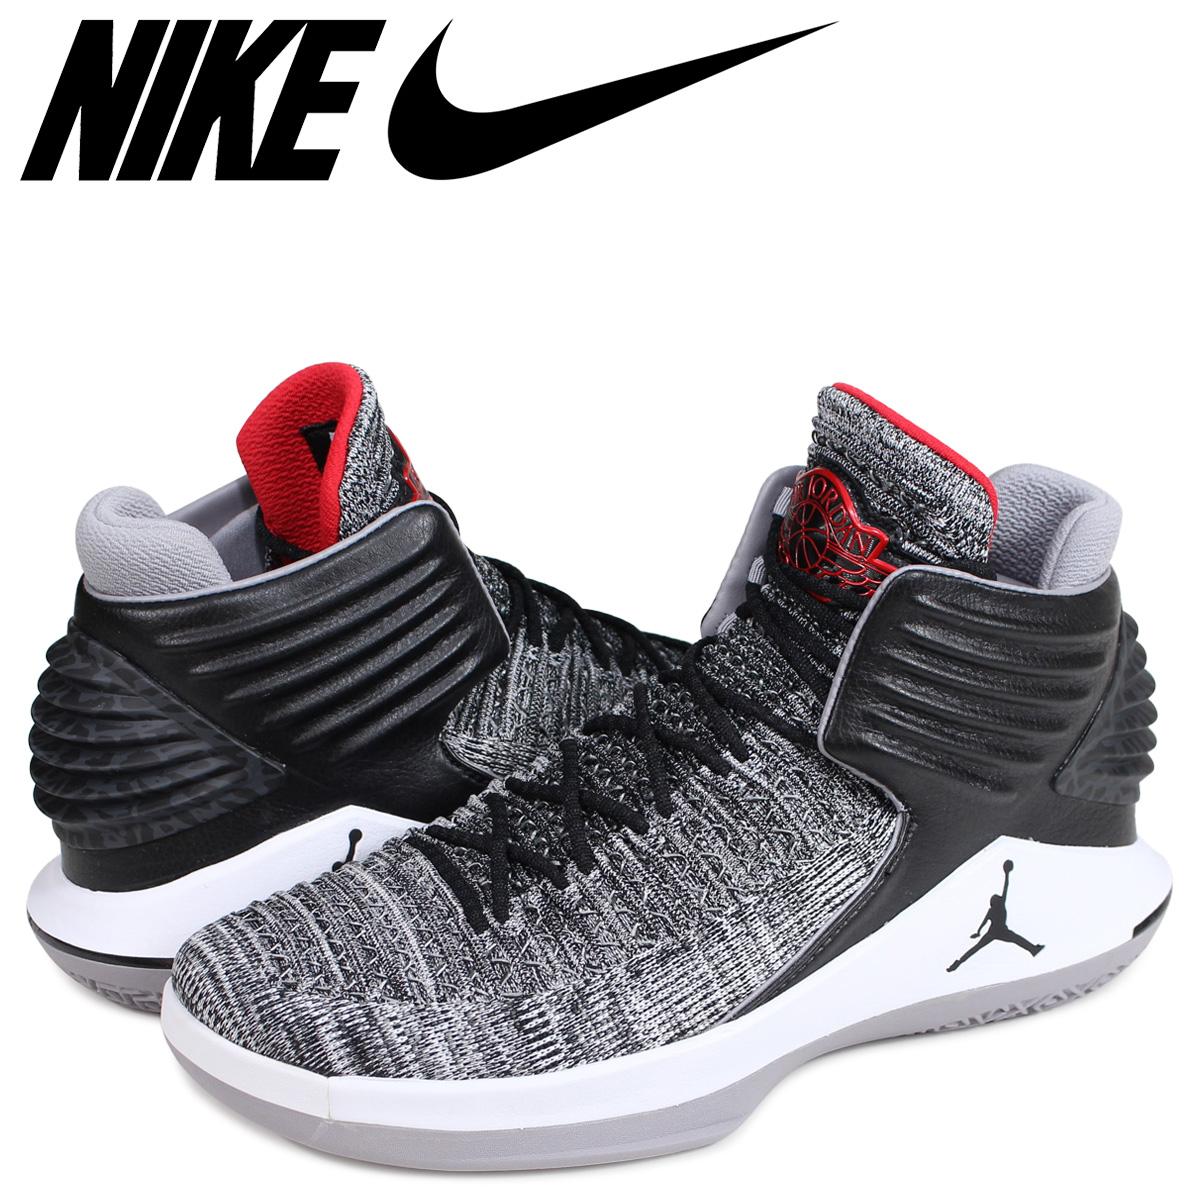 0a6726ed2e5a NIKE AIR JORDAN XXXII PF Nike Air Jordan 32 sneakers men AH3348-002 gray   187